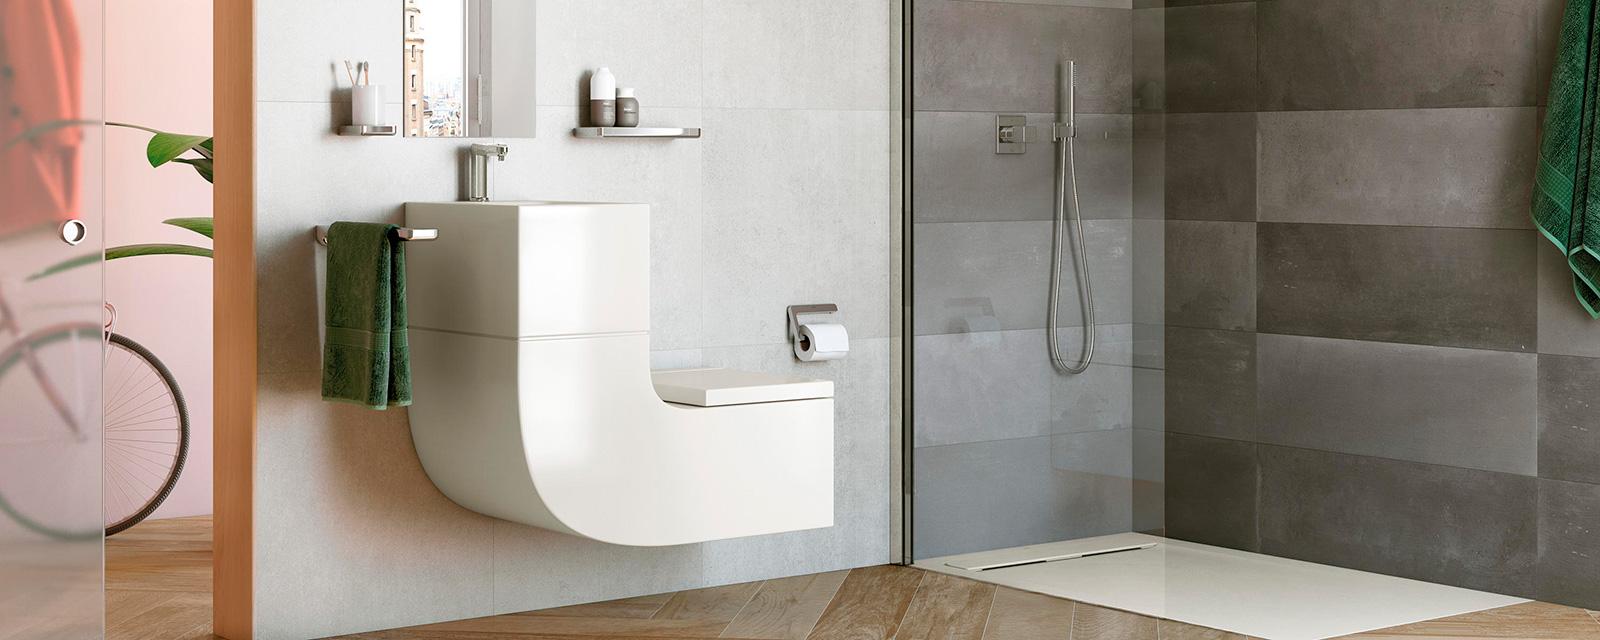 Comment Installer Un Lave Main Avec Meuble lave-mains adaptable sur wc | guide artisan